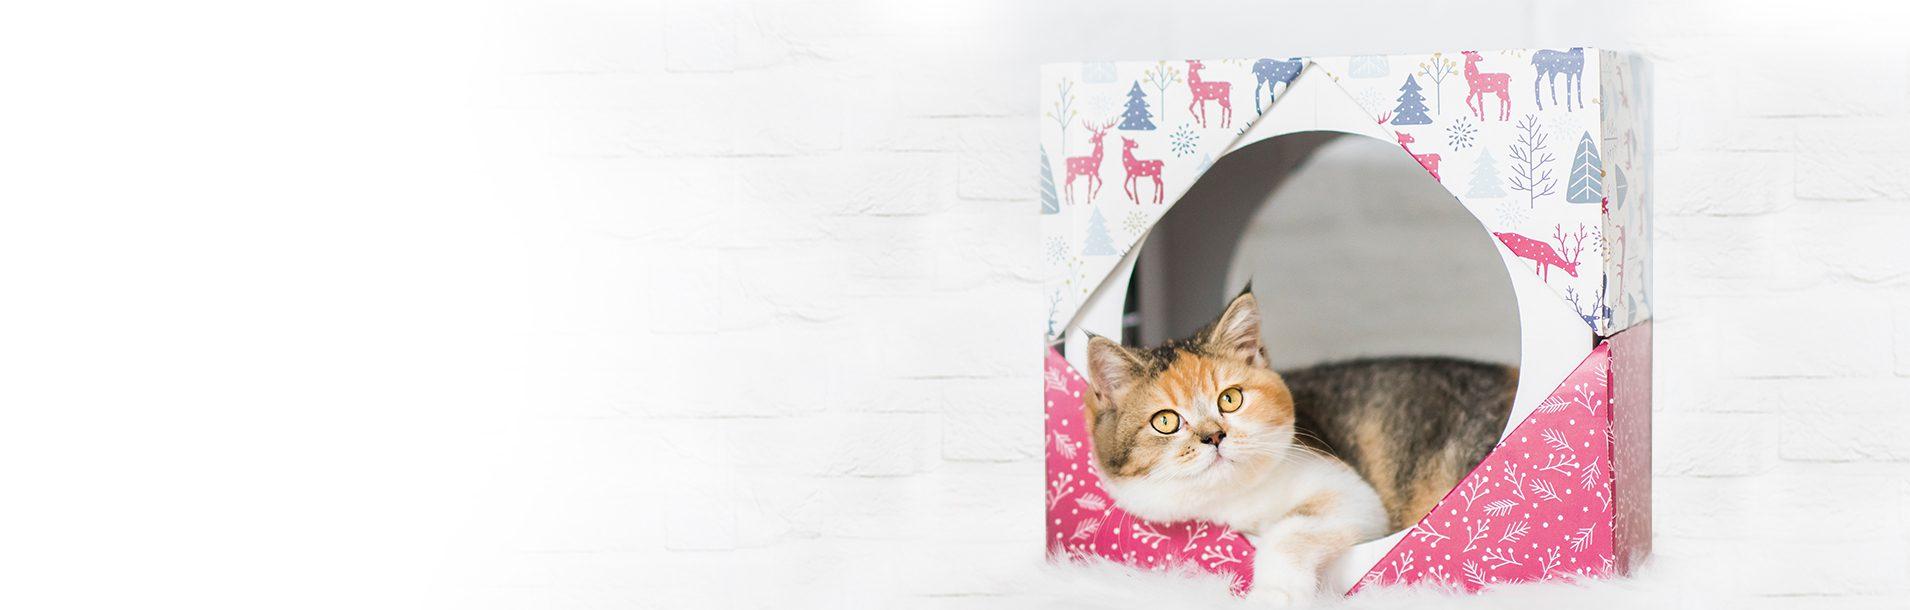 Il gatto in inverno: come aiutarlo ad affrontare al meglio le basse temperature., Schesir